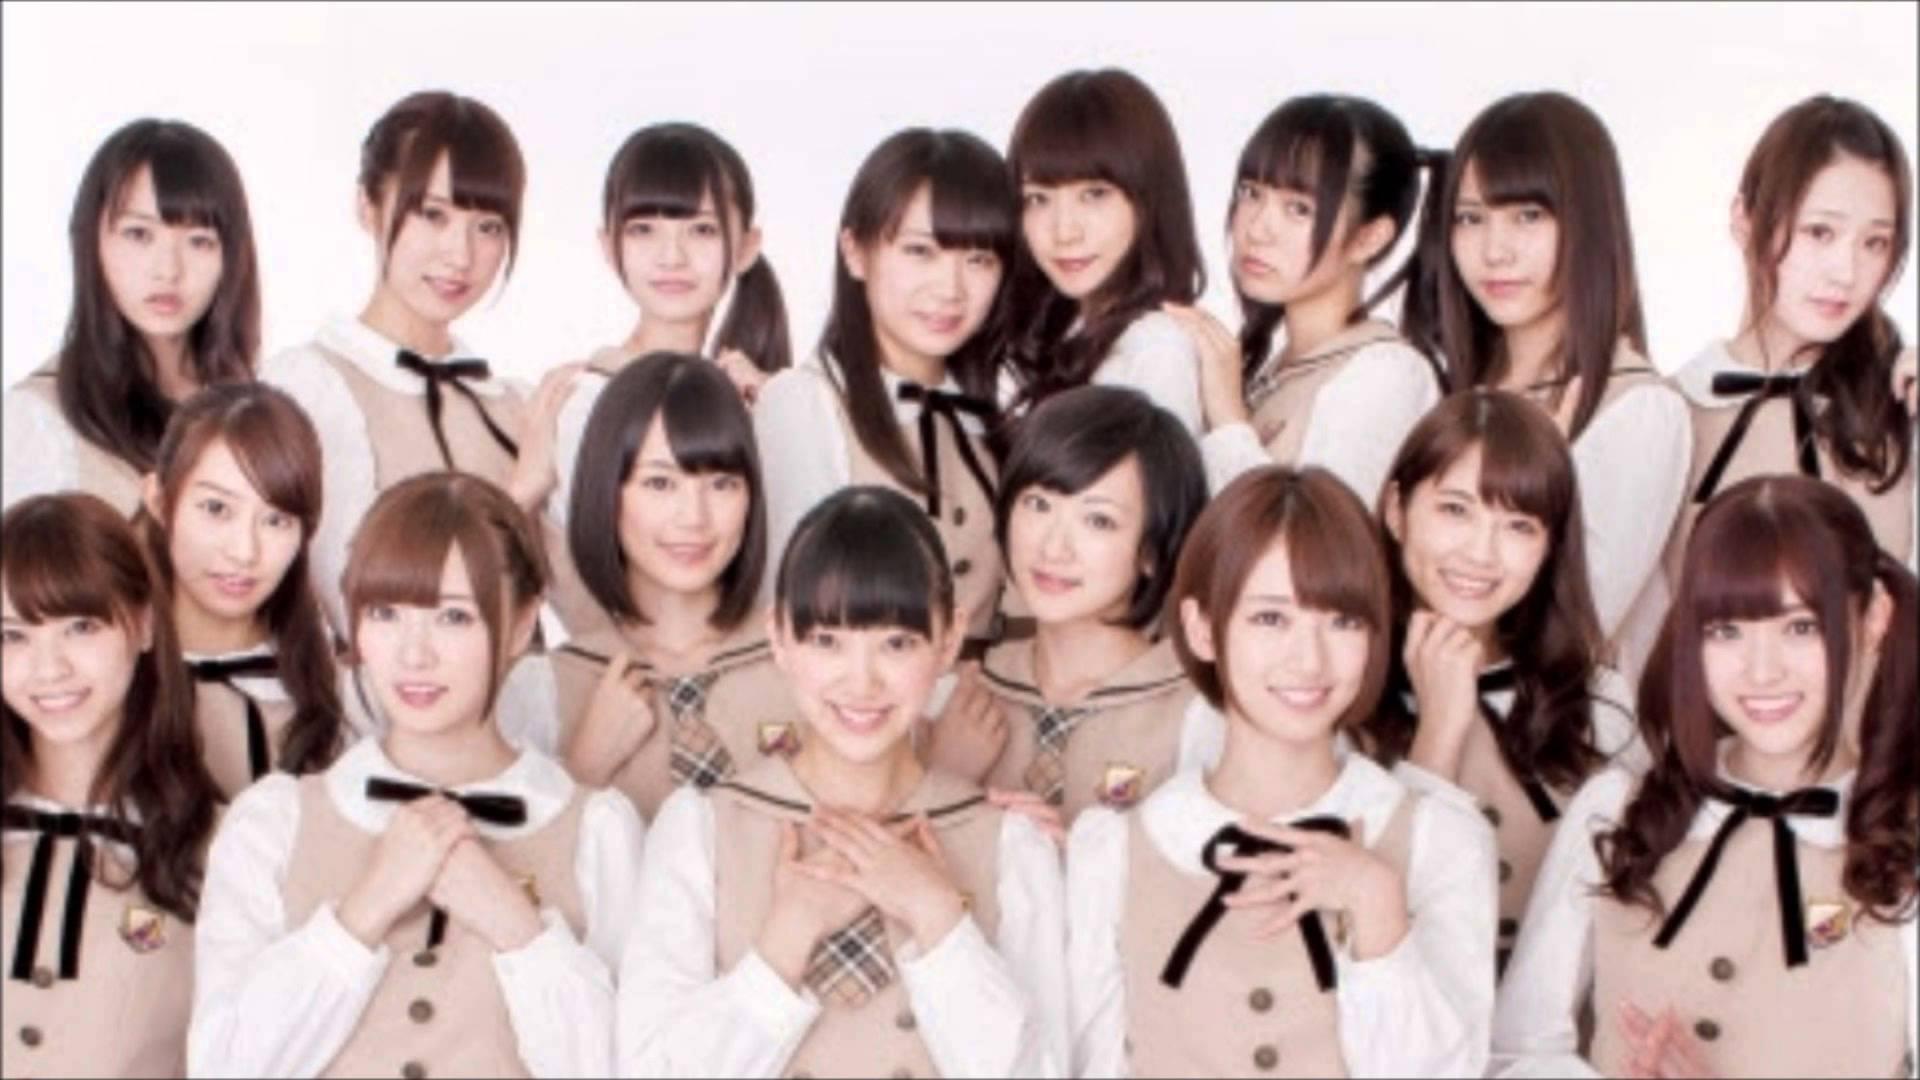 乃木坂46のおいでシャンプーのPV、歌詞、コール、メンバー紹介まとめのサムネイル画像